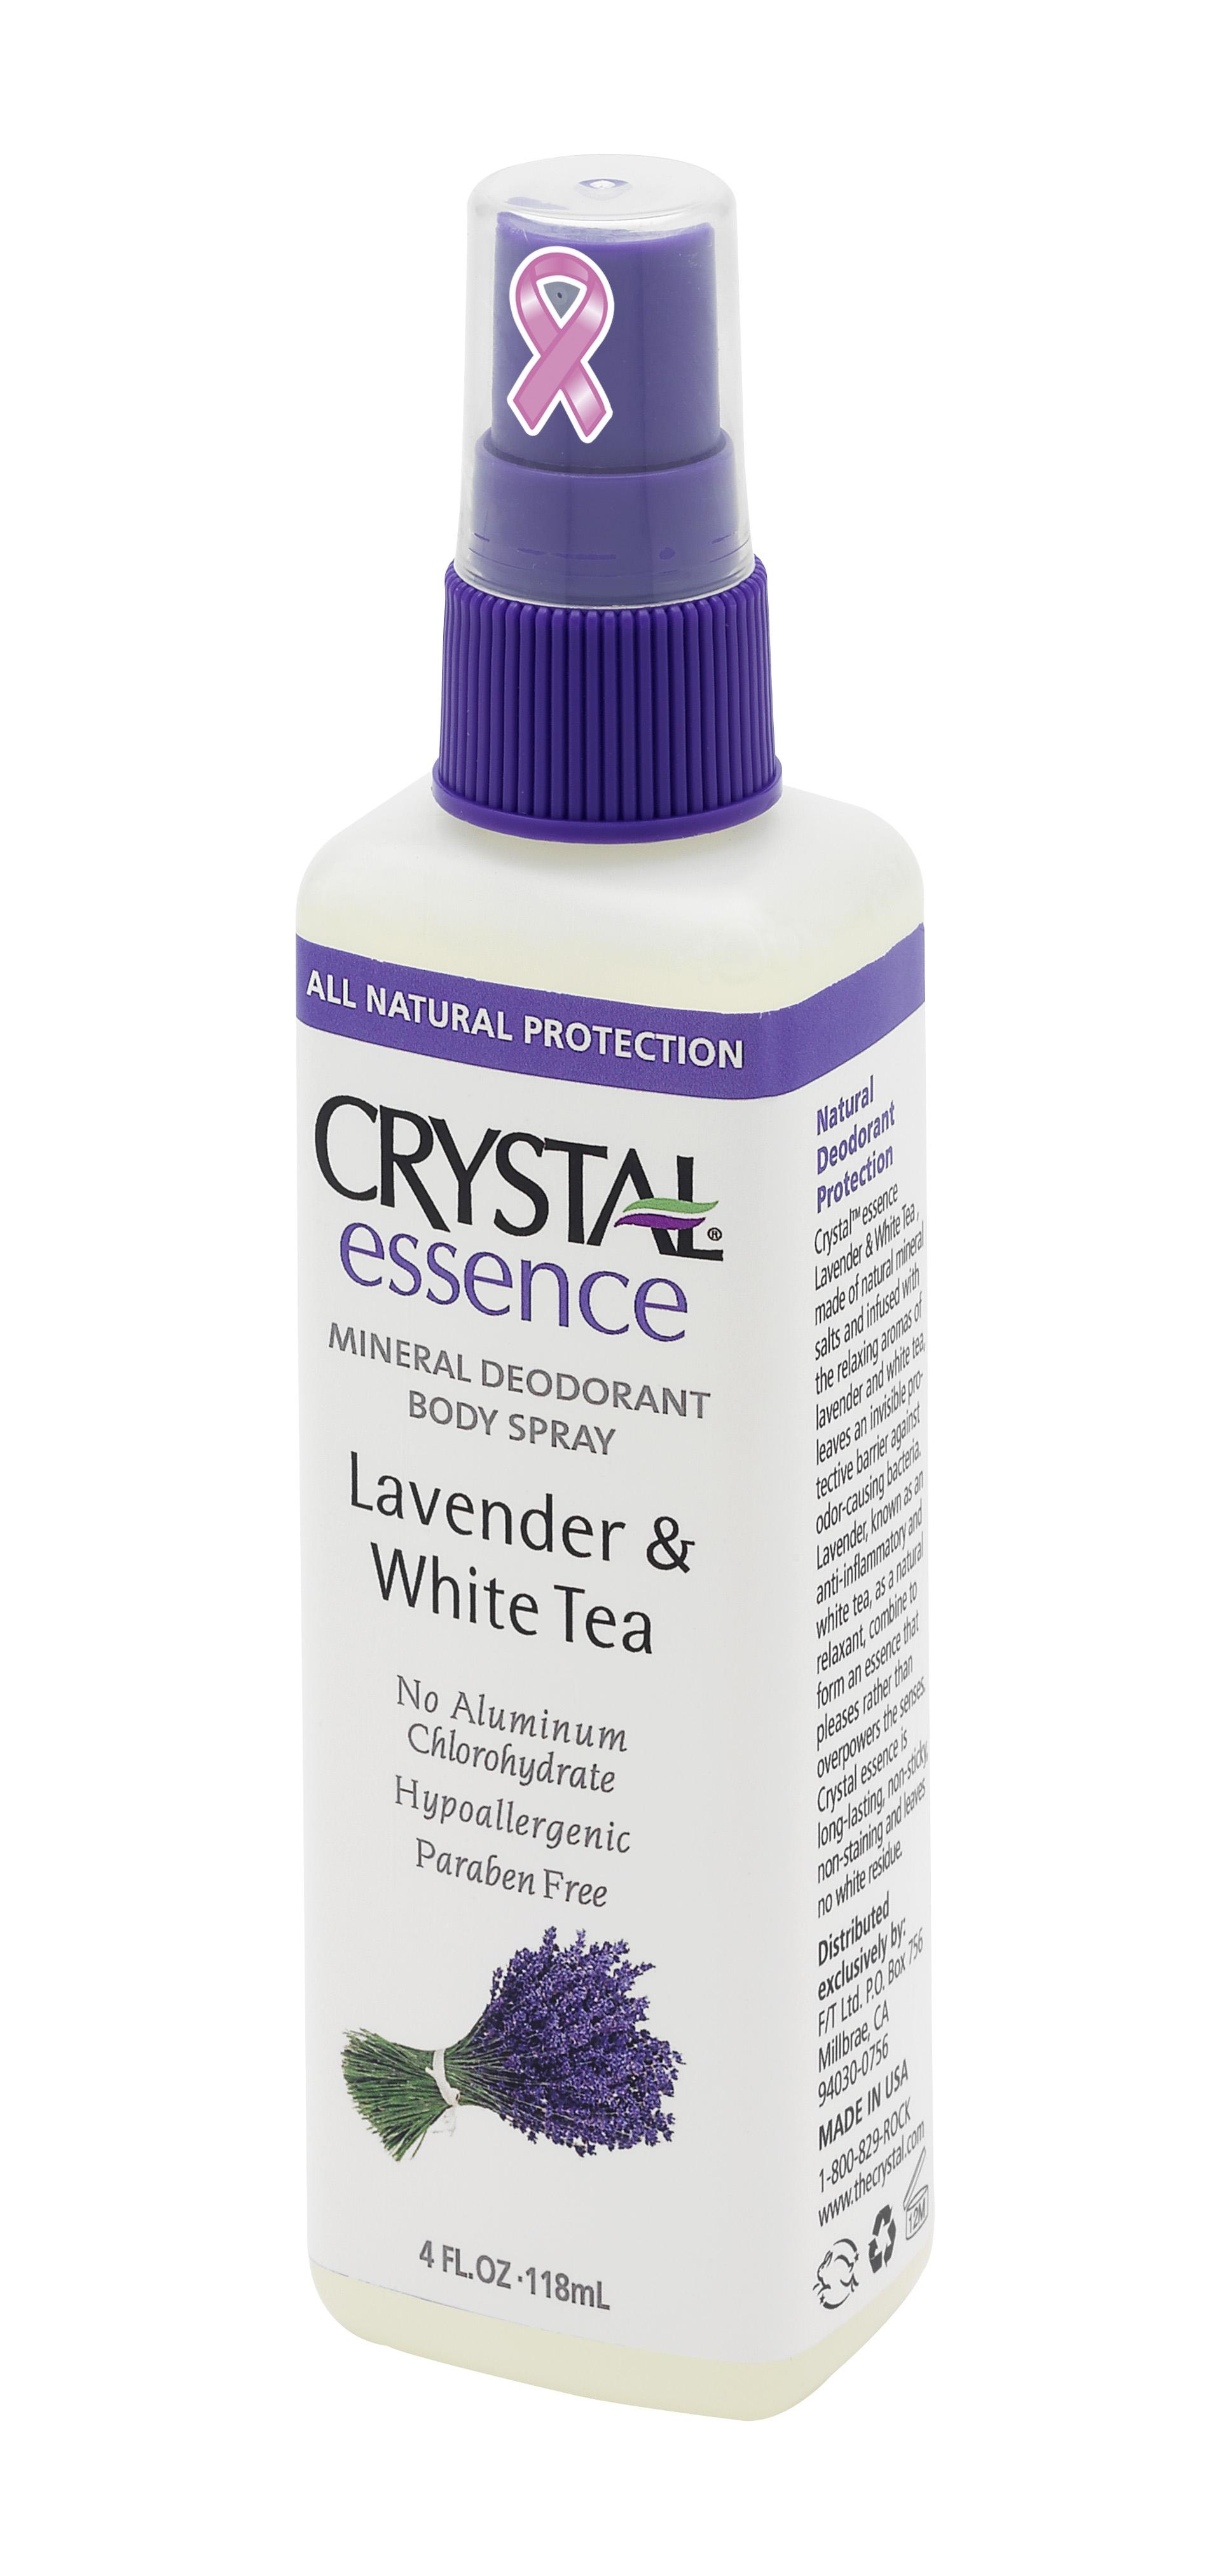 CRYSTAL Дезoдорант-спрей Лаванда+Белый чай / Crystal Sprey Lavender &amp; White Tea 118млДезодоранты<br>Антибактериальный дезодорант-спрей Кристалл Эссенсе для тела. Создан на основе натуральных минеральных солей с экстрактами Лаванды и Белого чая. Обладает мощным антибактериальным эффектом в сочетании с легкими и нежными ароматами Лаванды и Белого чая. Содержит экстракт Лаванды и Белого чая, которые оказывают противовоспалительное и расслабляющее действие на Вашу кожу. Улучшенная конструкция спрея-распылителя позволяет нежно и экономно нанести дезодорант на Вашу кожу. Не содержит консервантов, не вызывает аллергии. Не прилипает и не оставляет белых следов или разводов на одежде. Активные ингредиенты: натуральные минеральные соли (Potassium Alum), очищенная вода, квасцы калия, эфирные масла, целлюлоза, экстракт Лаванды и Белого чая Способ применения: нажимая на распылитель нанести дезодорант на чистую кожу в утреннее время, после душа или ванны.<br>